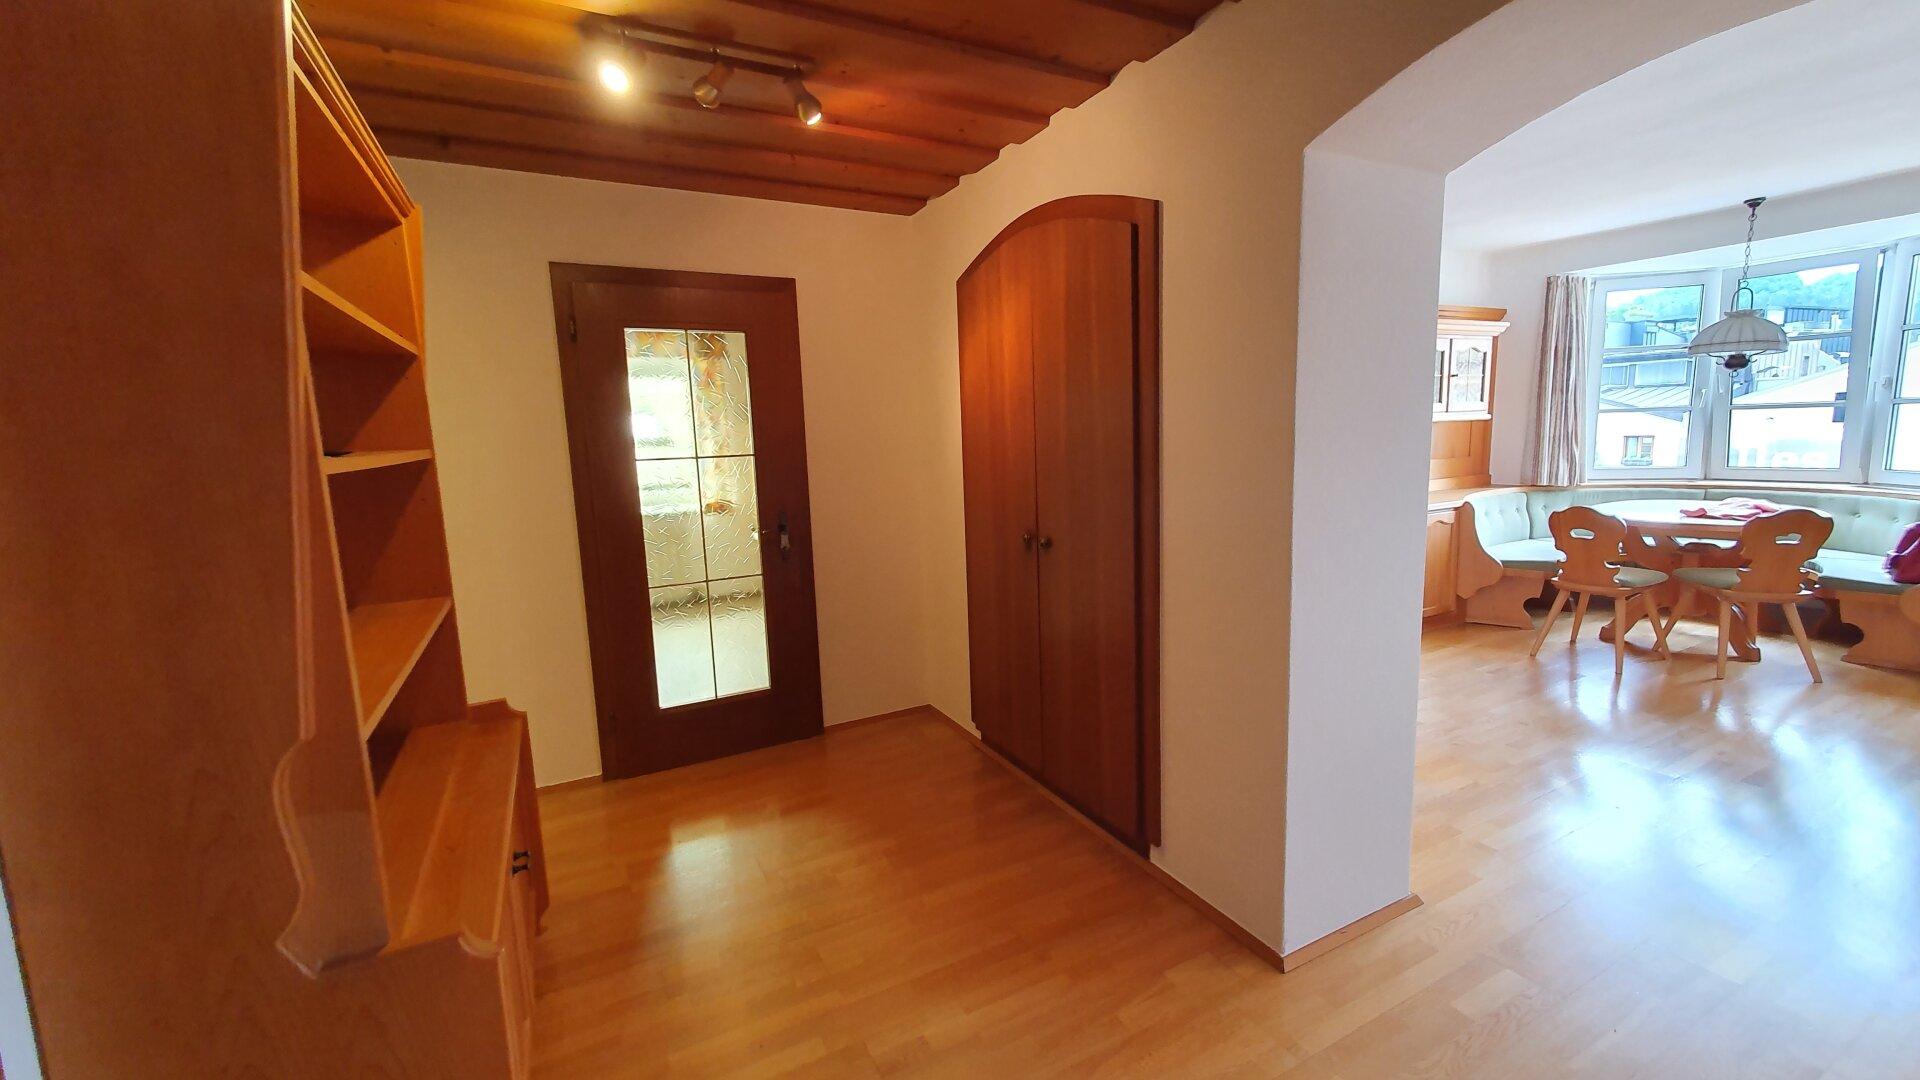 Mietwohnung Kufstein, Vorraum